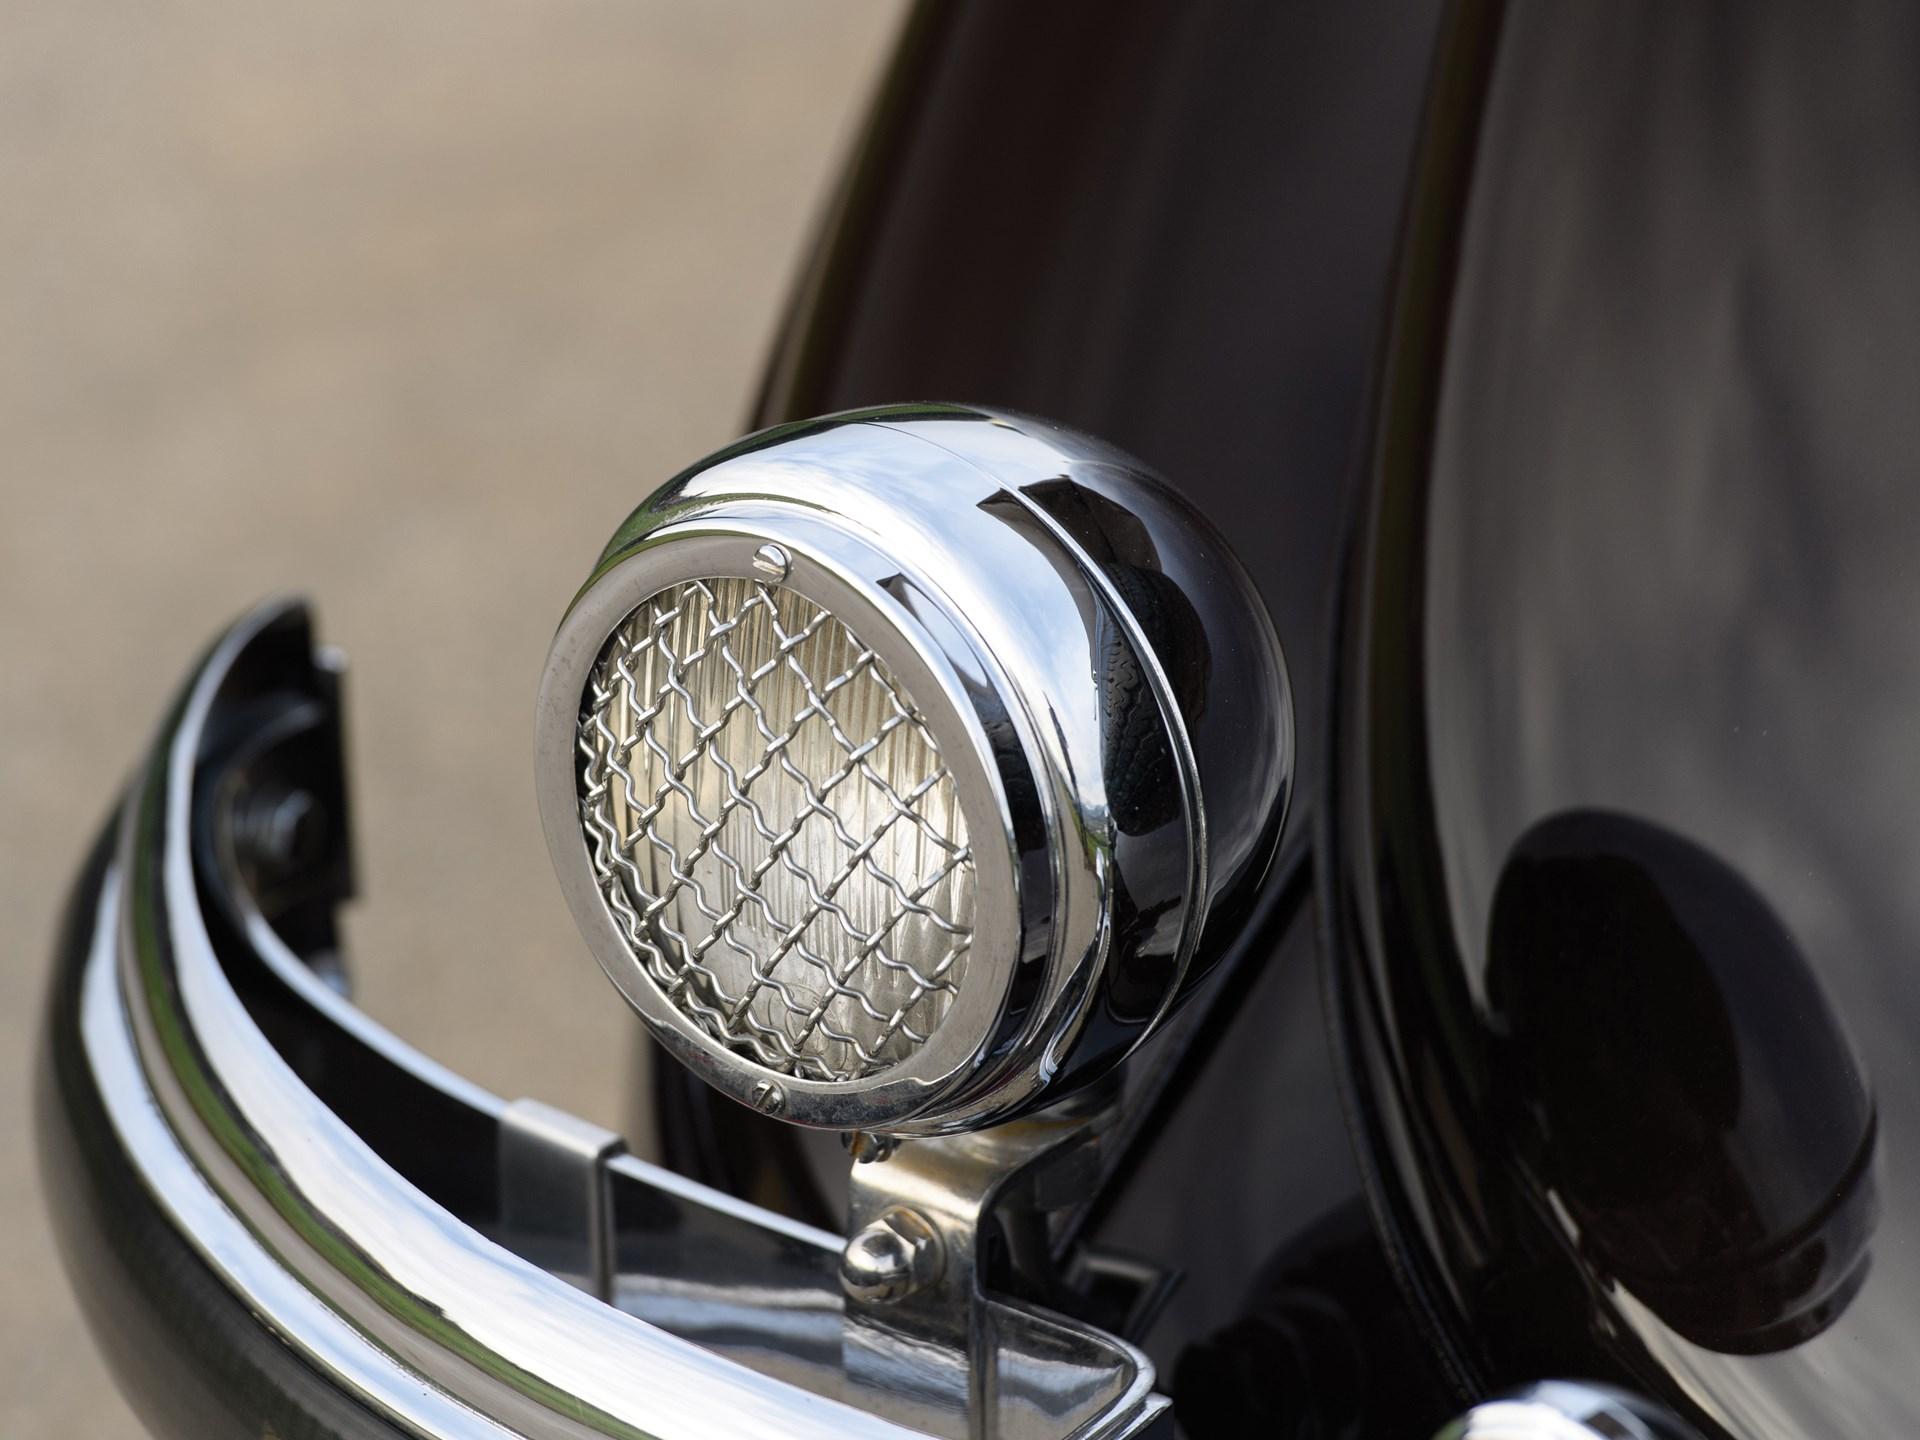 1937 Mercedes-Benz 540 K Cabriolet A by Sindelfingen